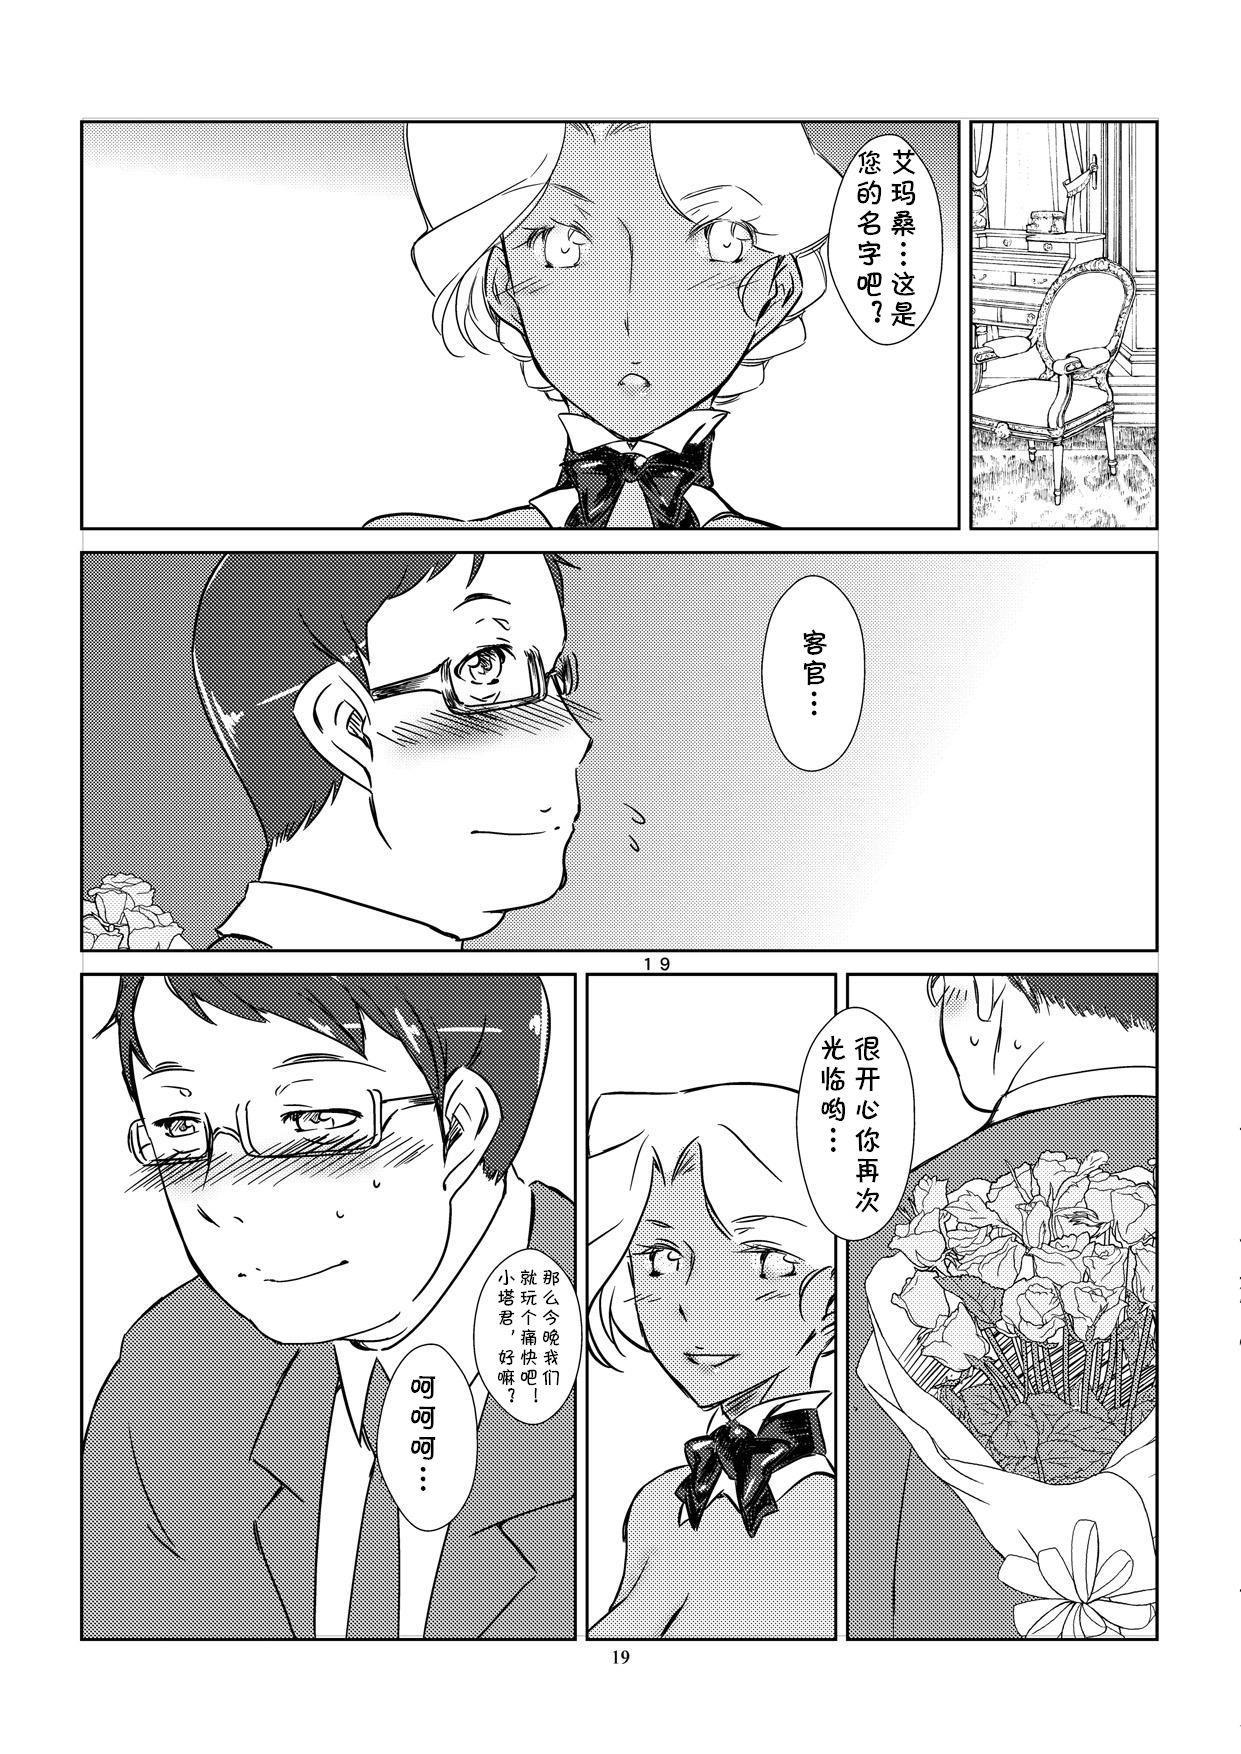 Kasshoku Oneesan no Fudeoroshi Ver. 4 19